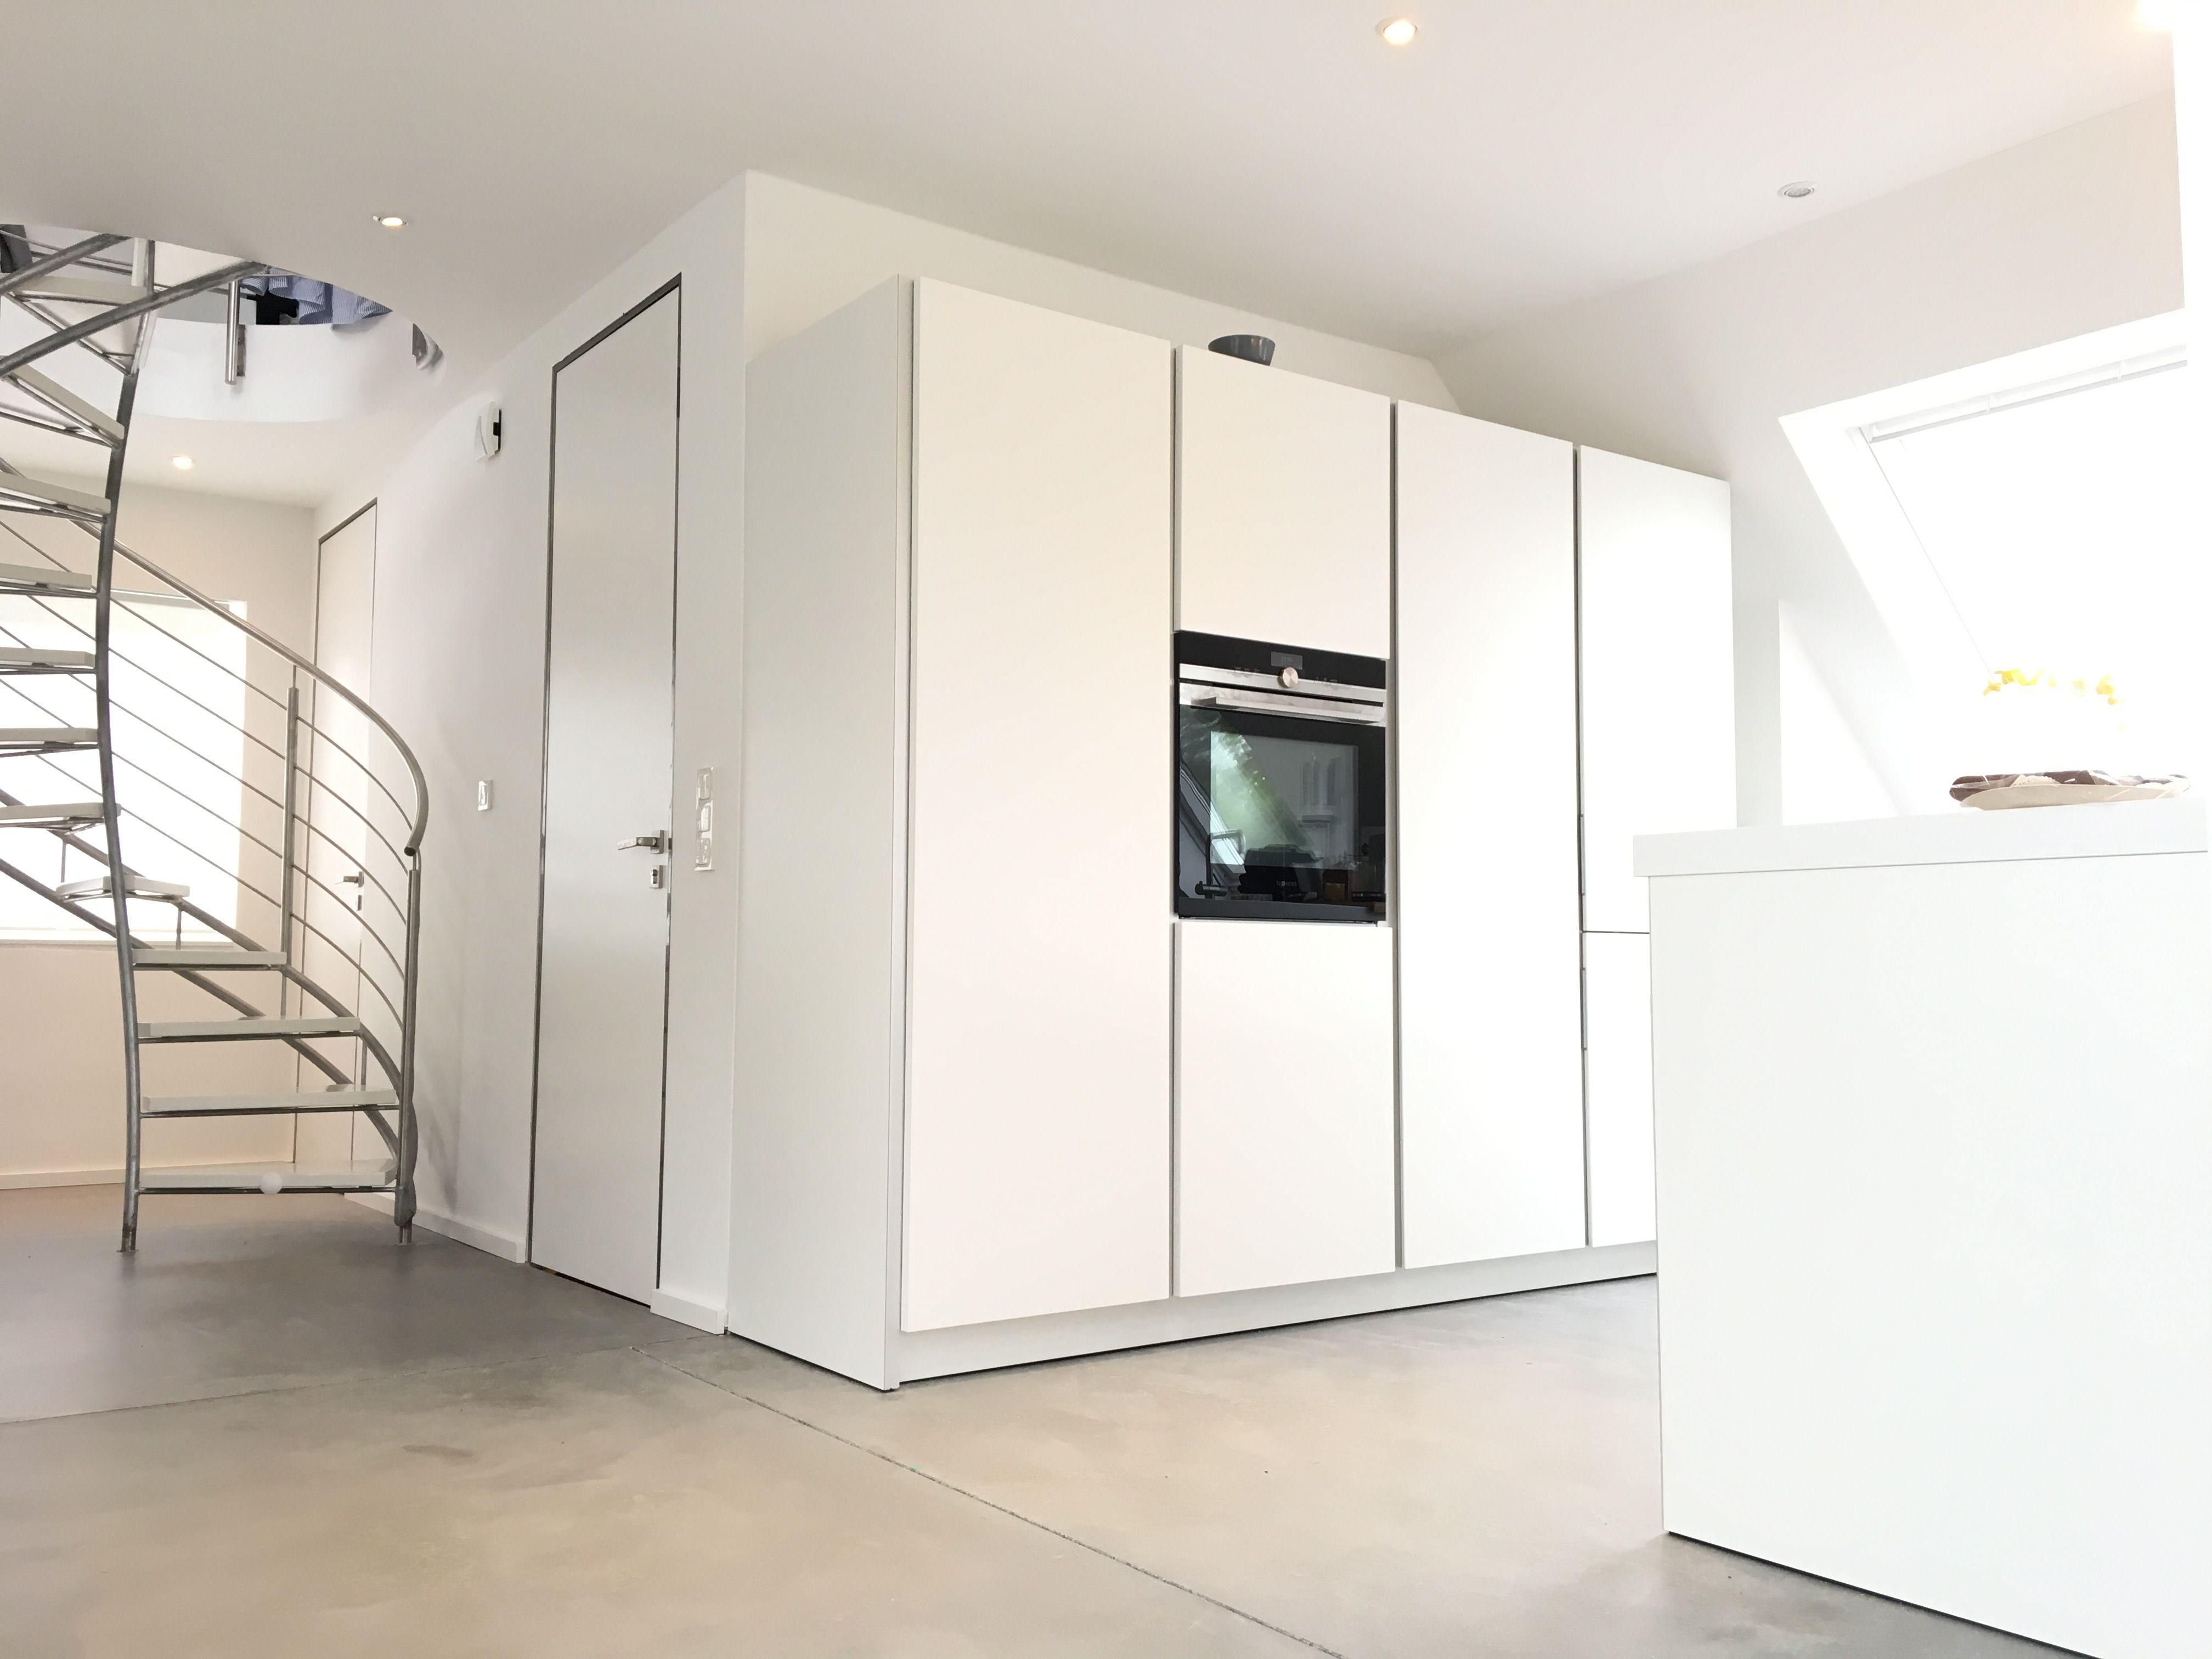 Sichtestrich Berlin loft bulthaup küche sichtestrich daheim